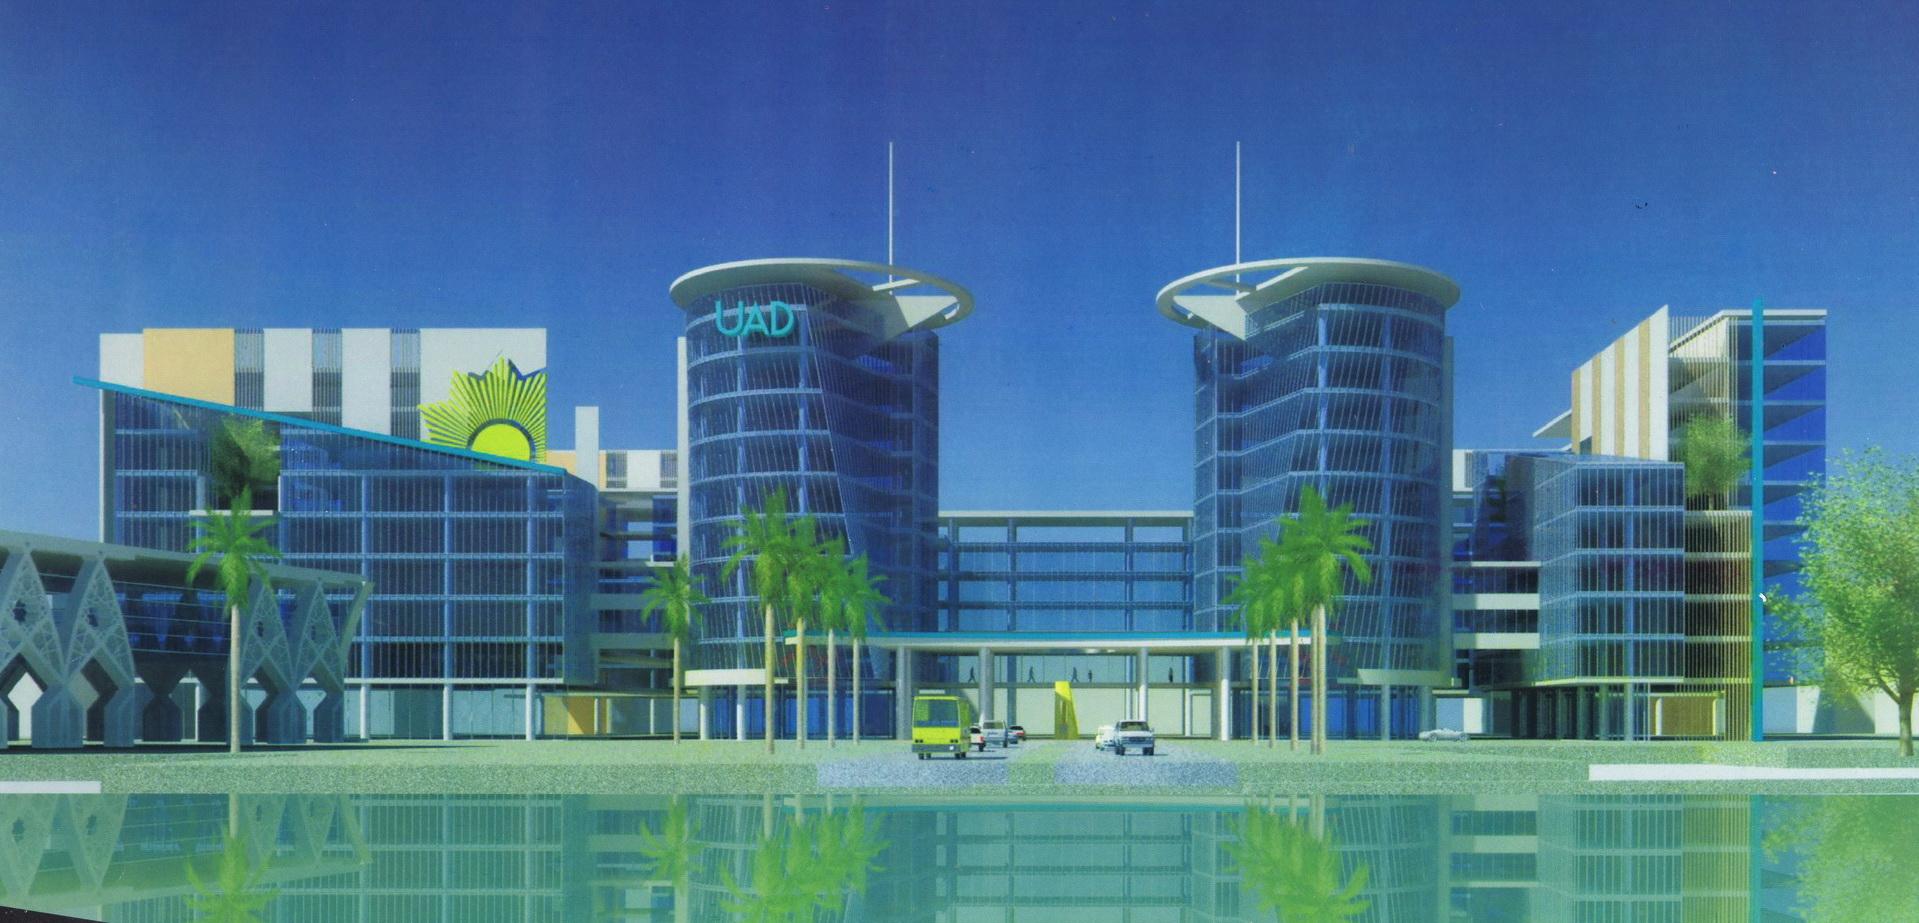 Desain Kampus Terpadu Universitas Ahmad Dahlan | UAD, kalender uad